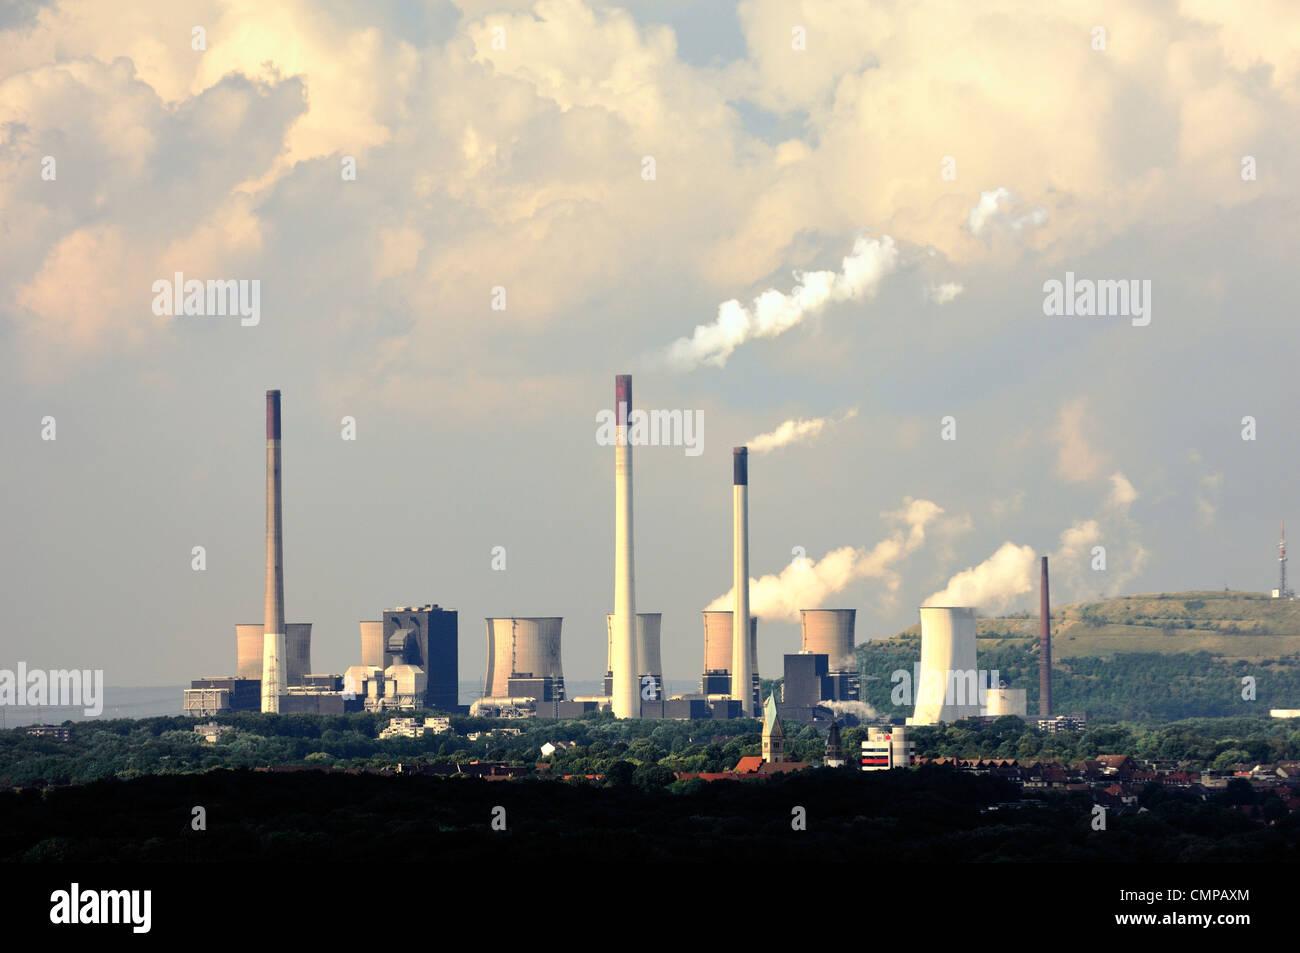 Kletterausrüstung Ruhrgebiet : Coal plant on the rhine stockfotos & bilder